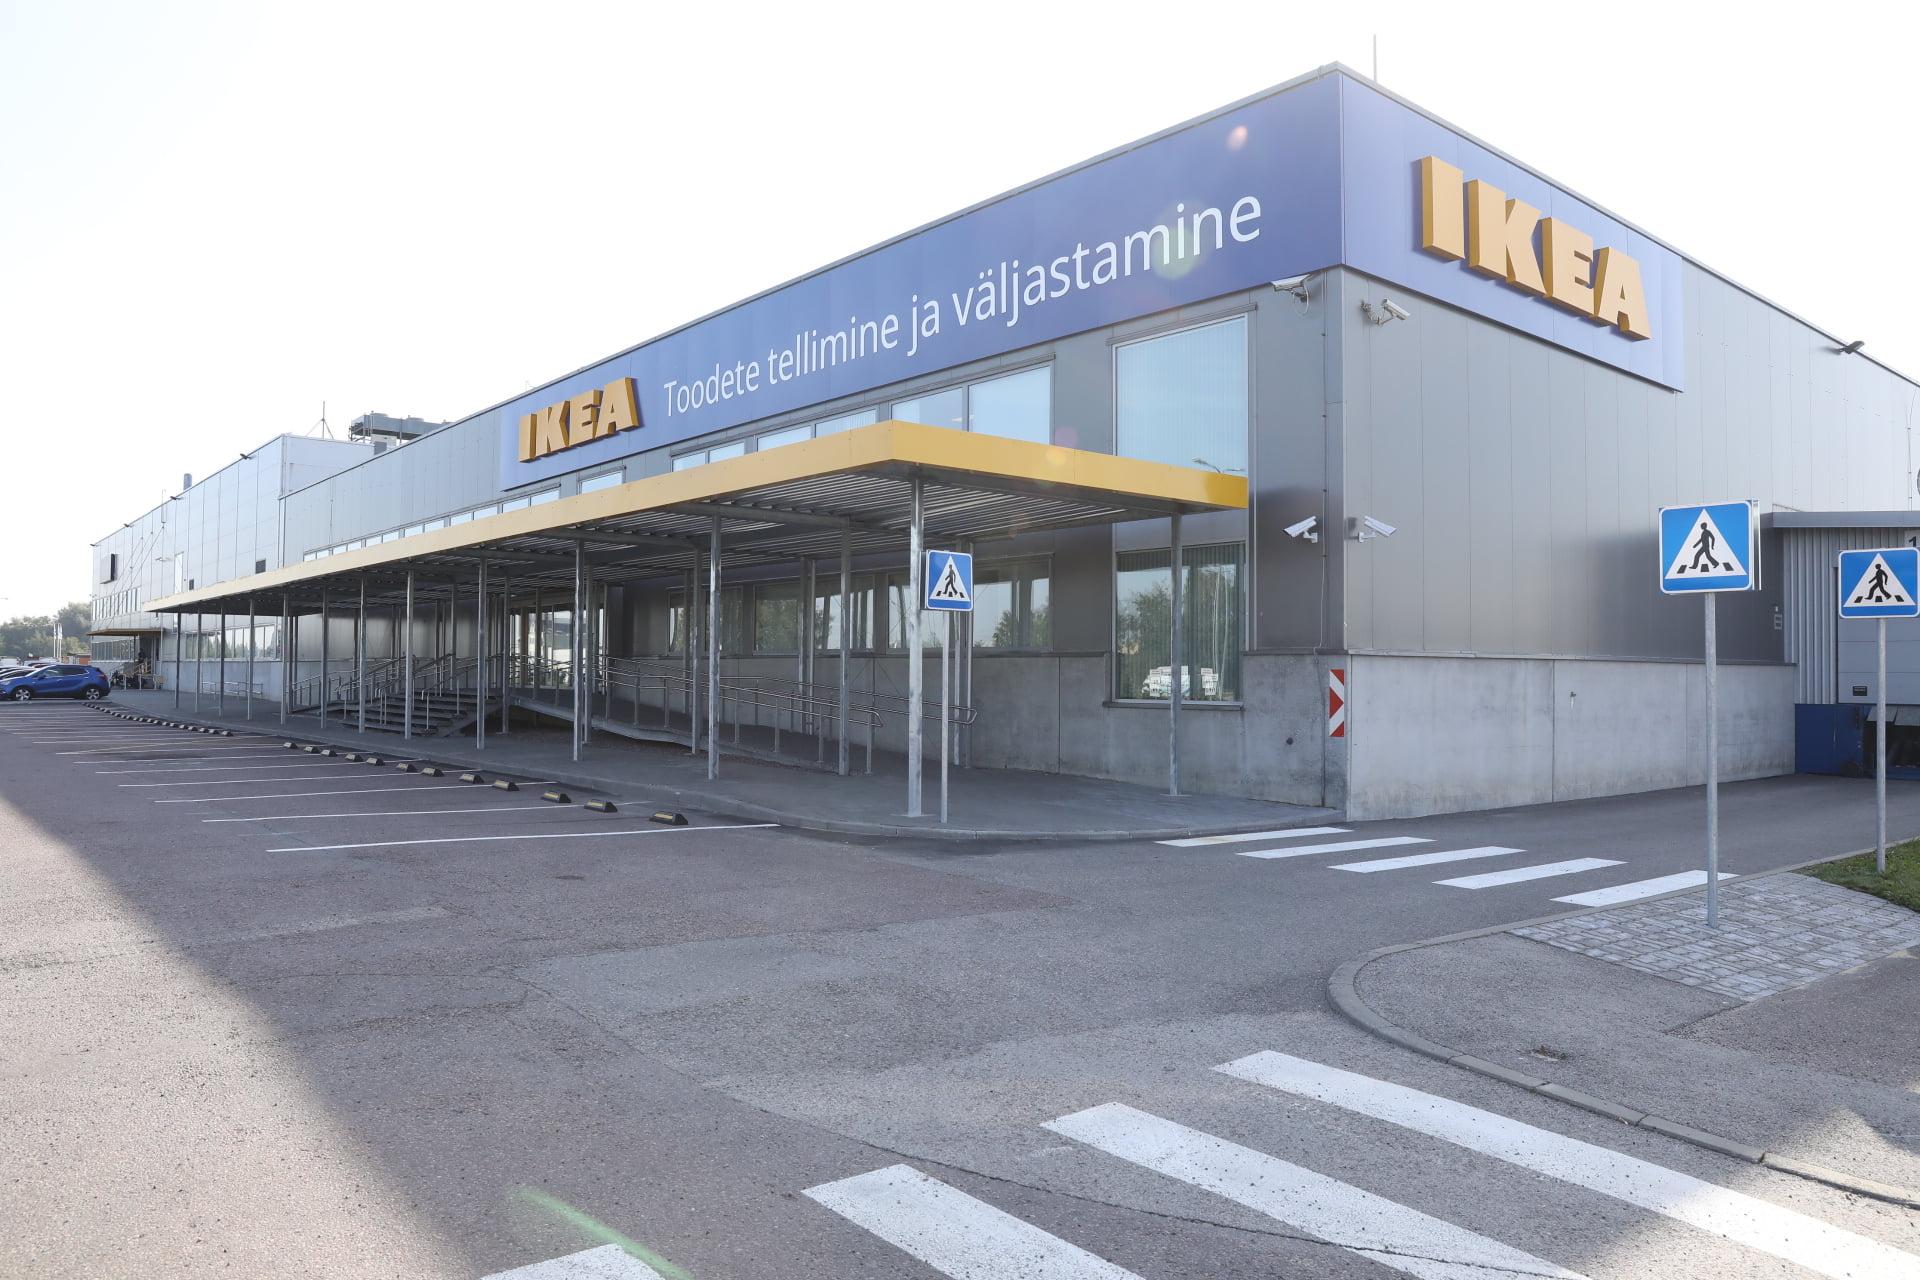 IKEA Taline prekiu uzsakymo ir atsiemimo vieta